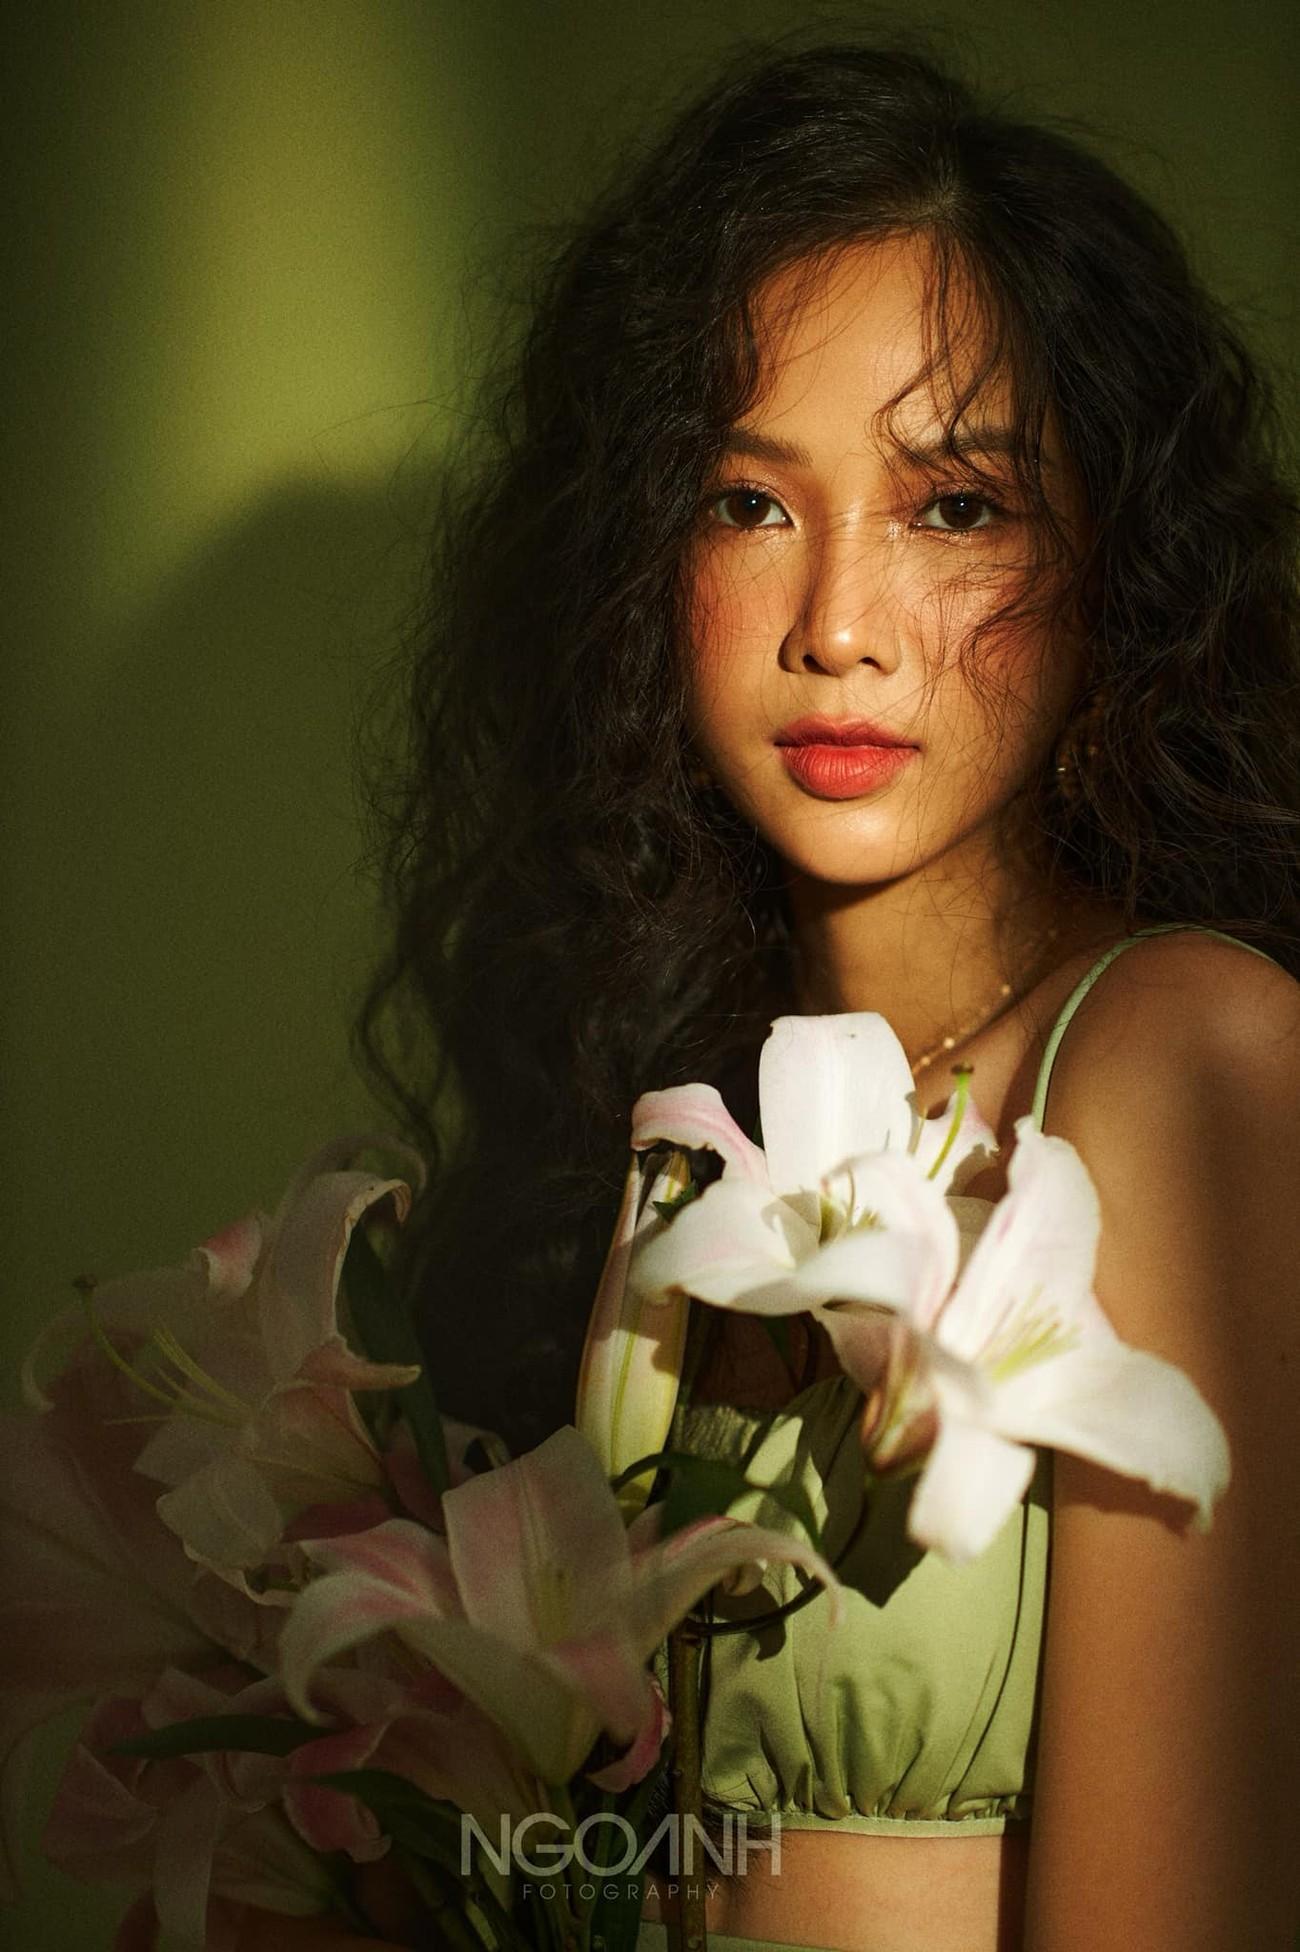 Ảnh cấp 3 cực xinh đẹp của 'Người đẹp có làn da đẹp nhất' Hoa hậu Việt Nam 2020 ảnh 11